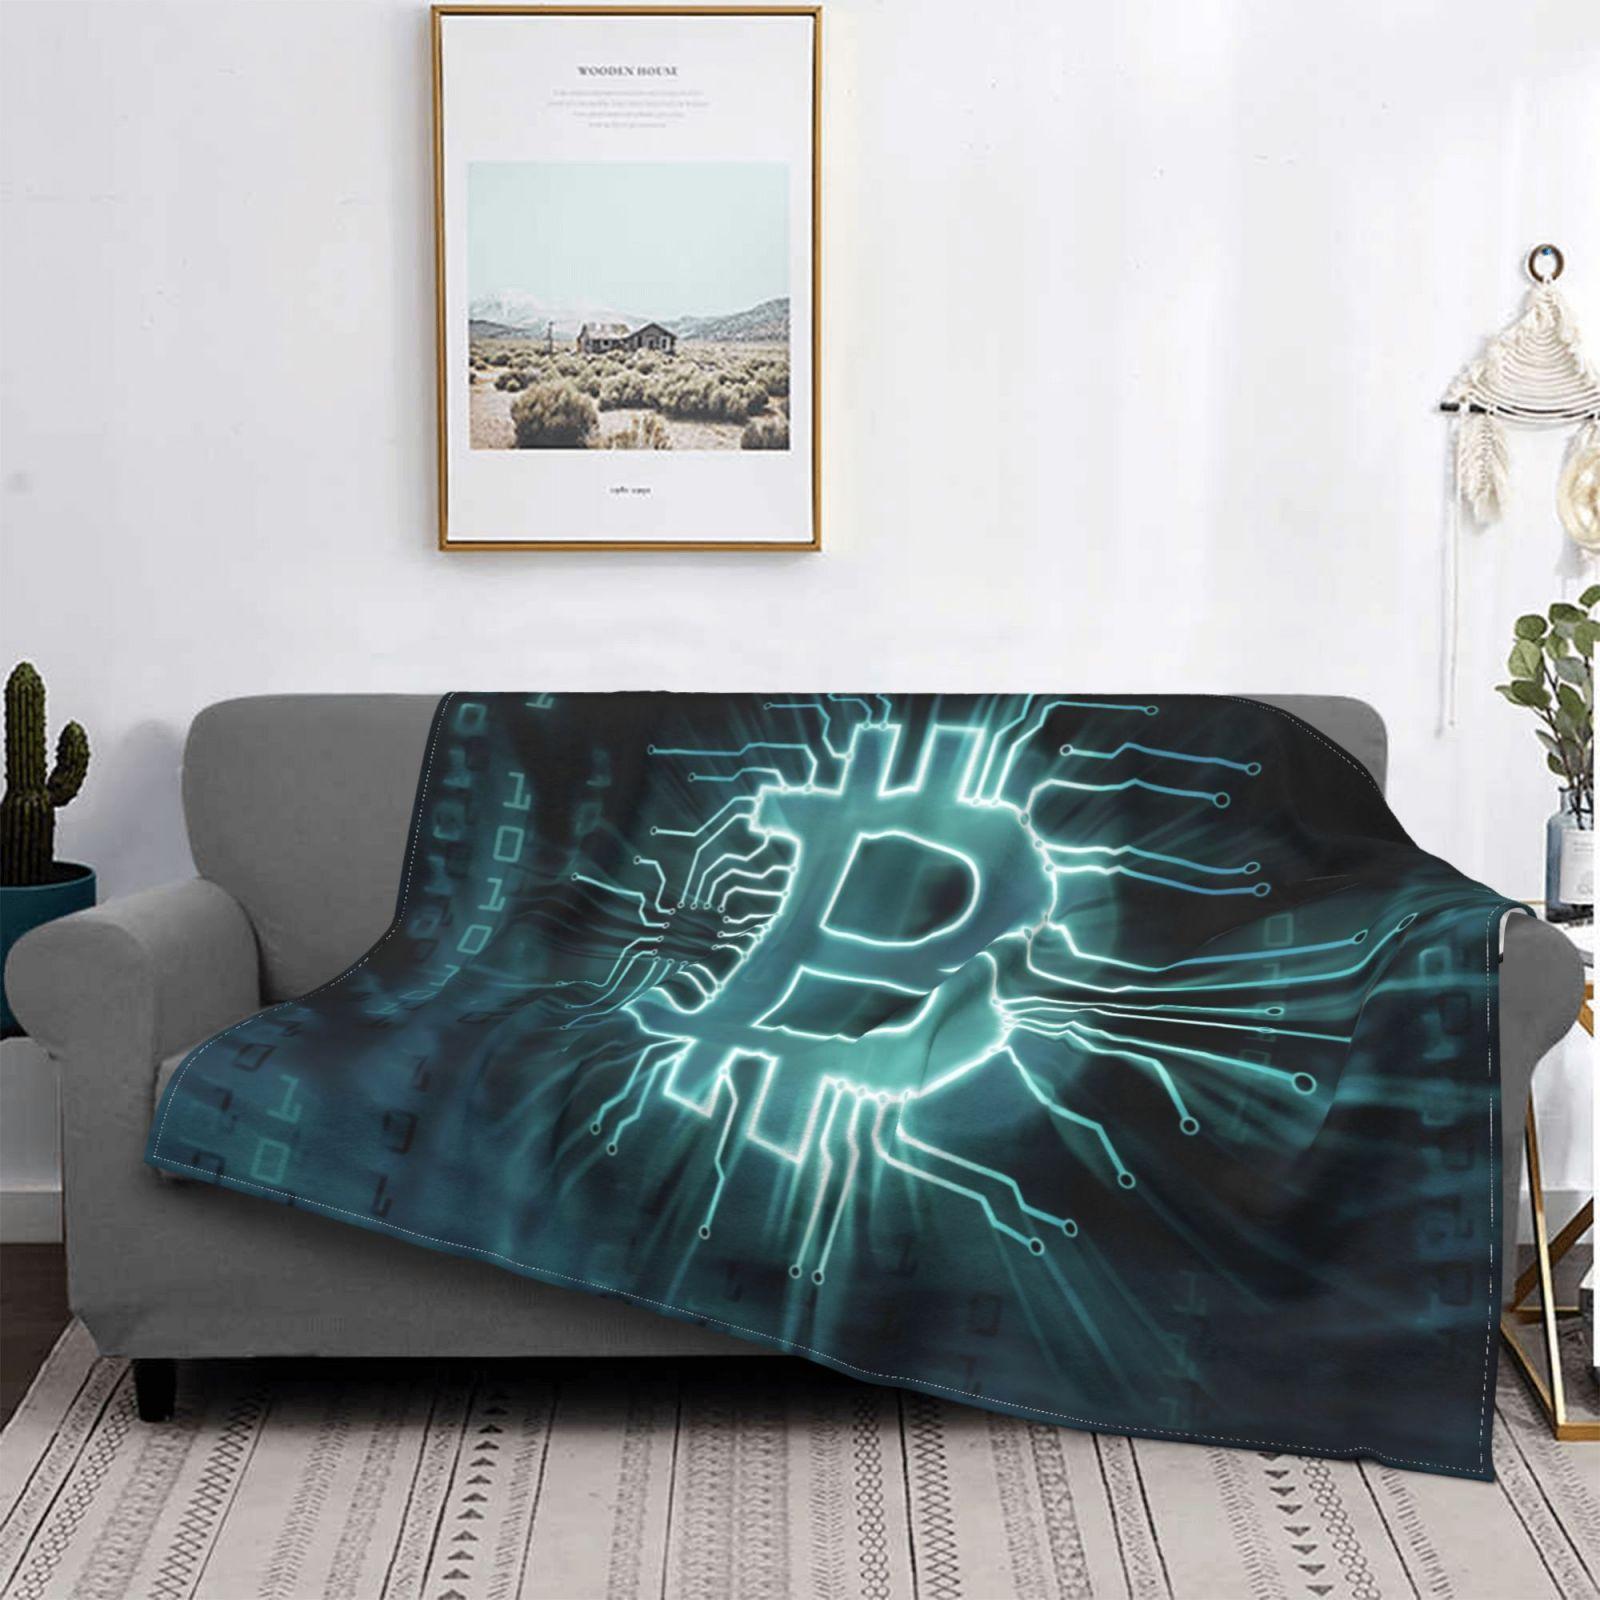 بيتكوين بطانية موضة دافئ المفرش شيربا الصوف النوم بطانية ناعمة ورقيقة